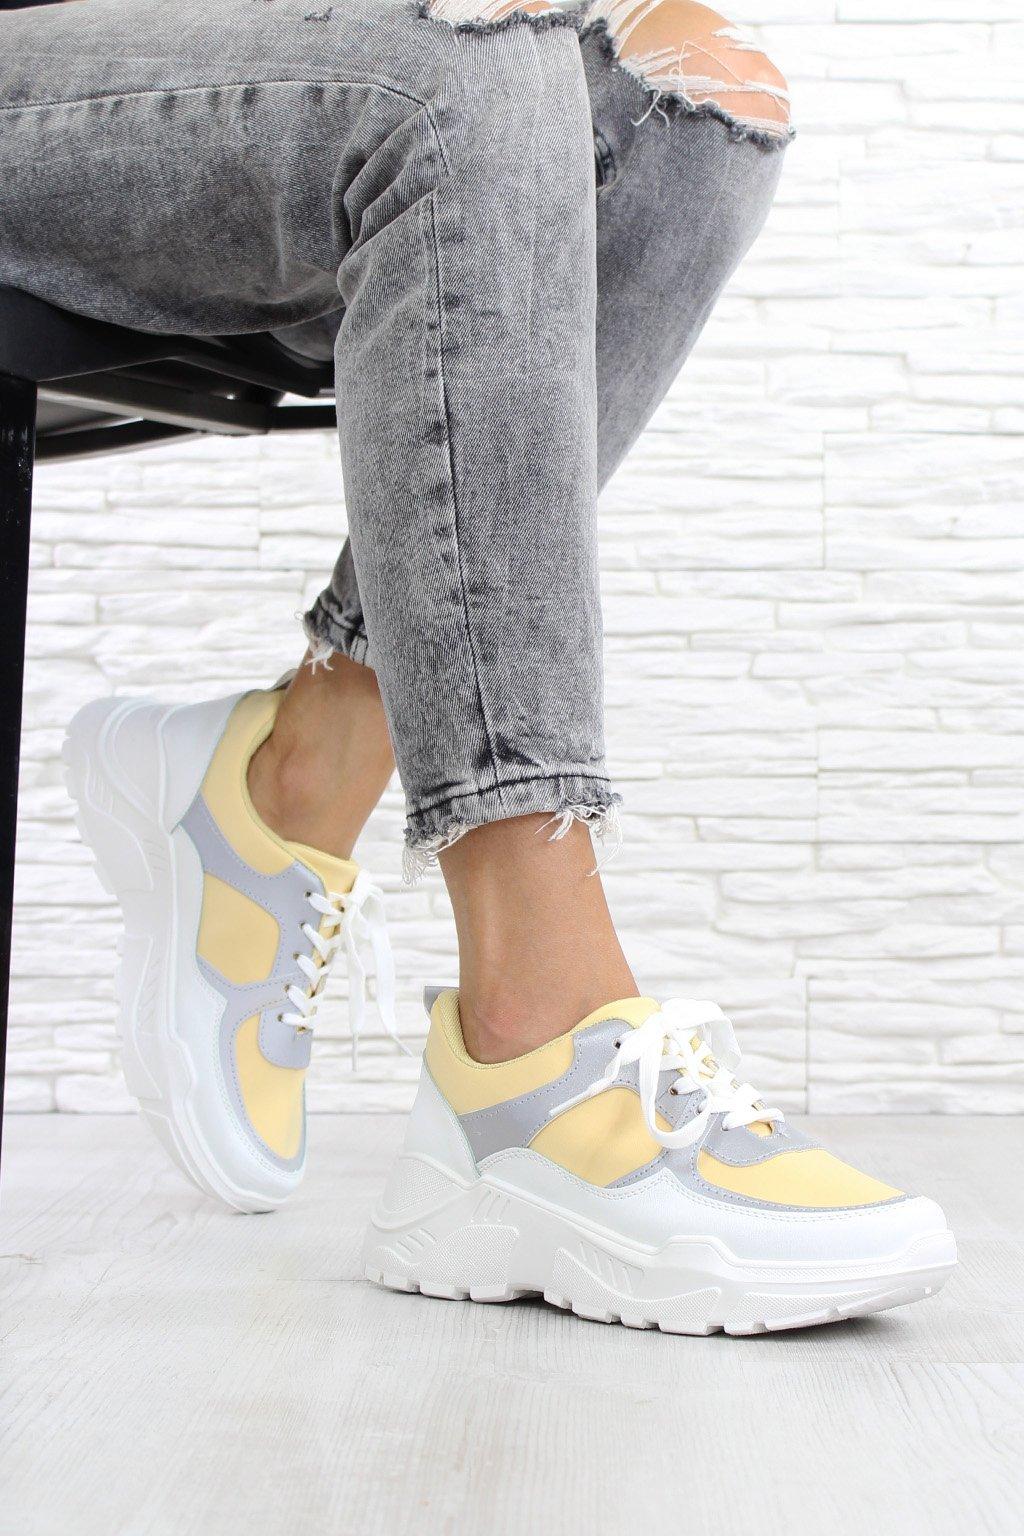 Chunky shoes LV83P 20YE (2)